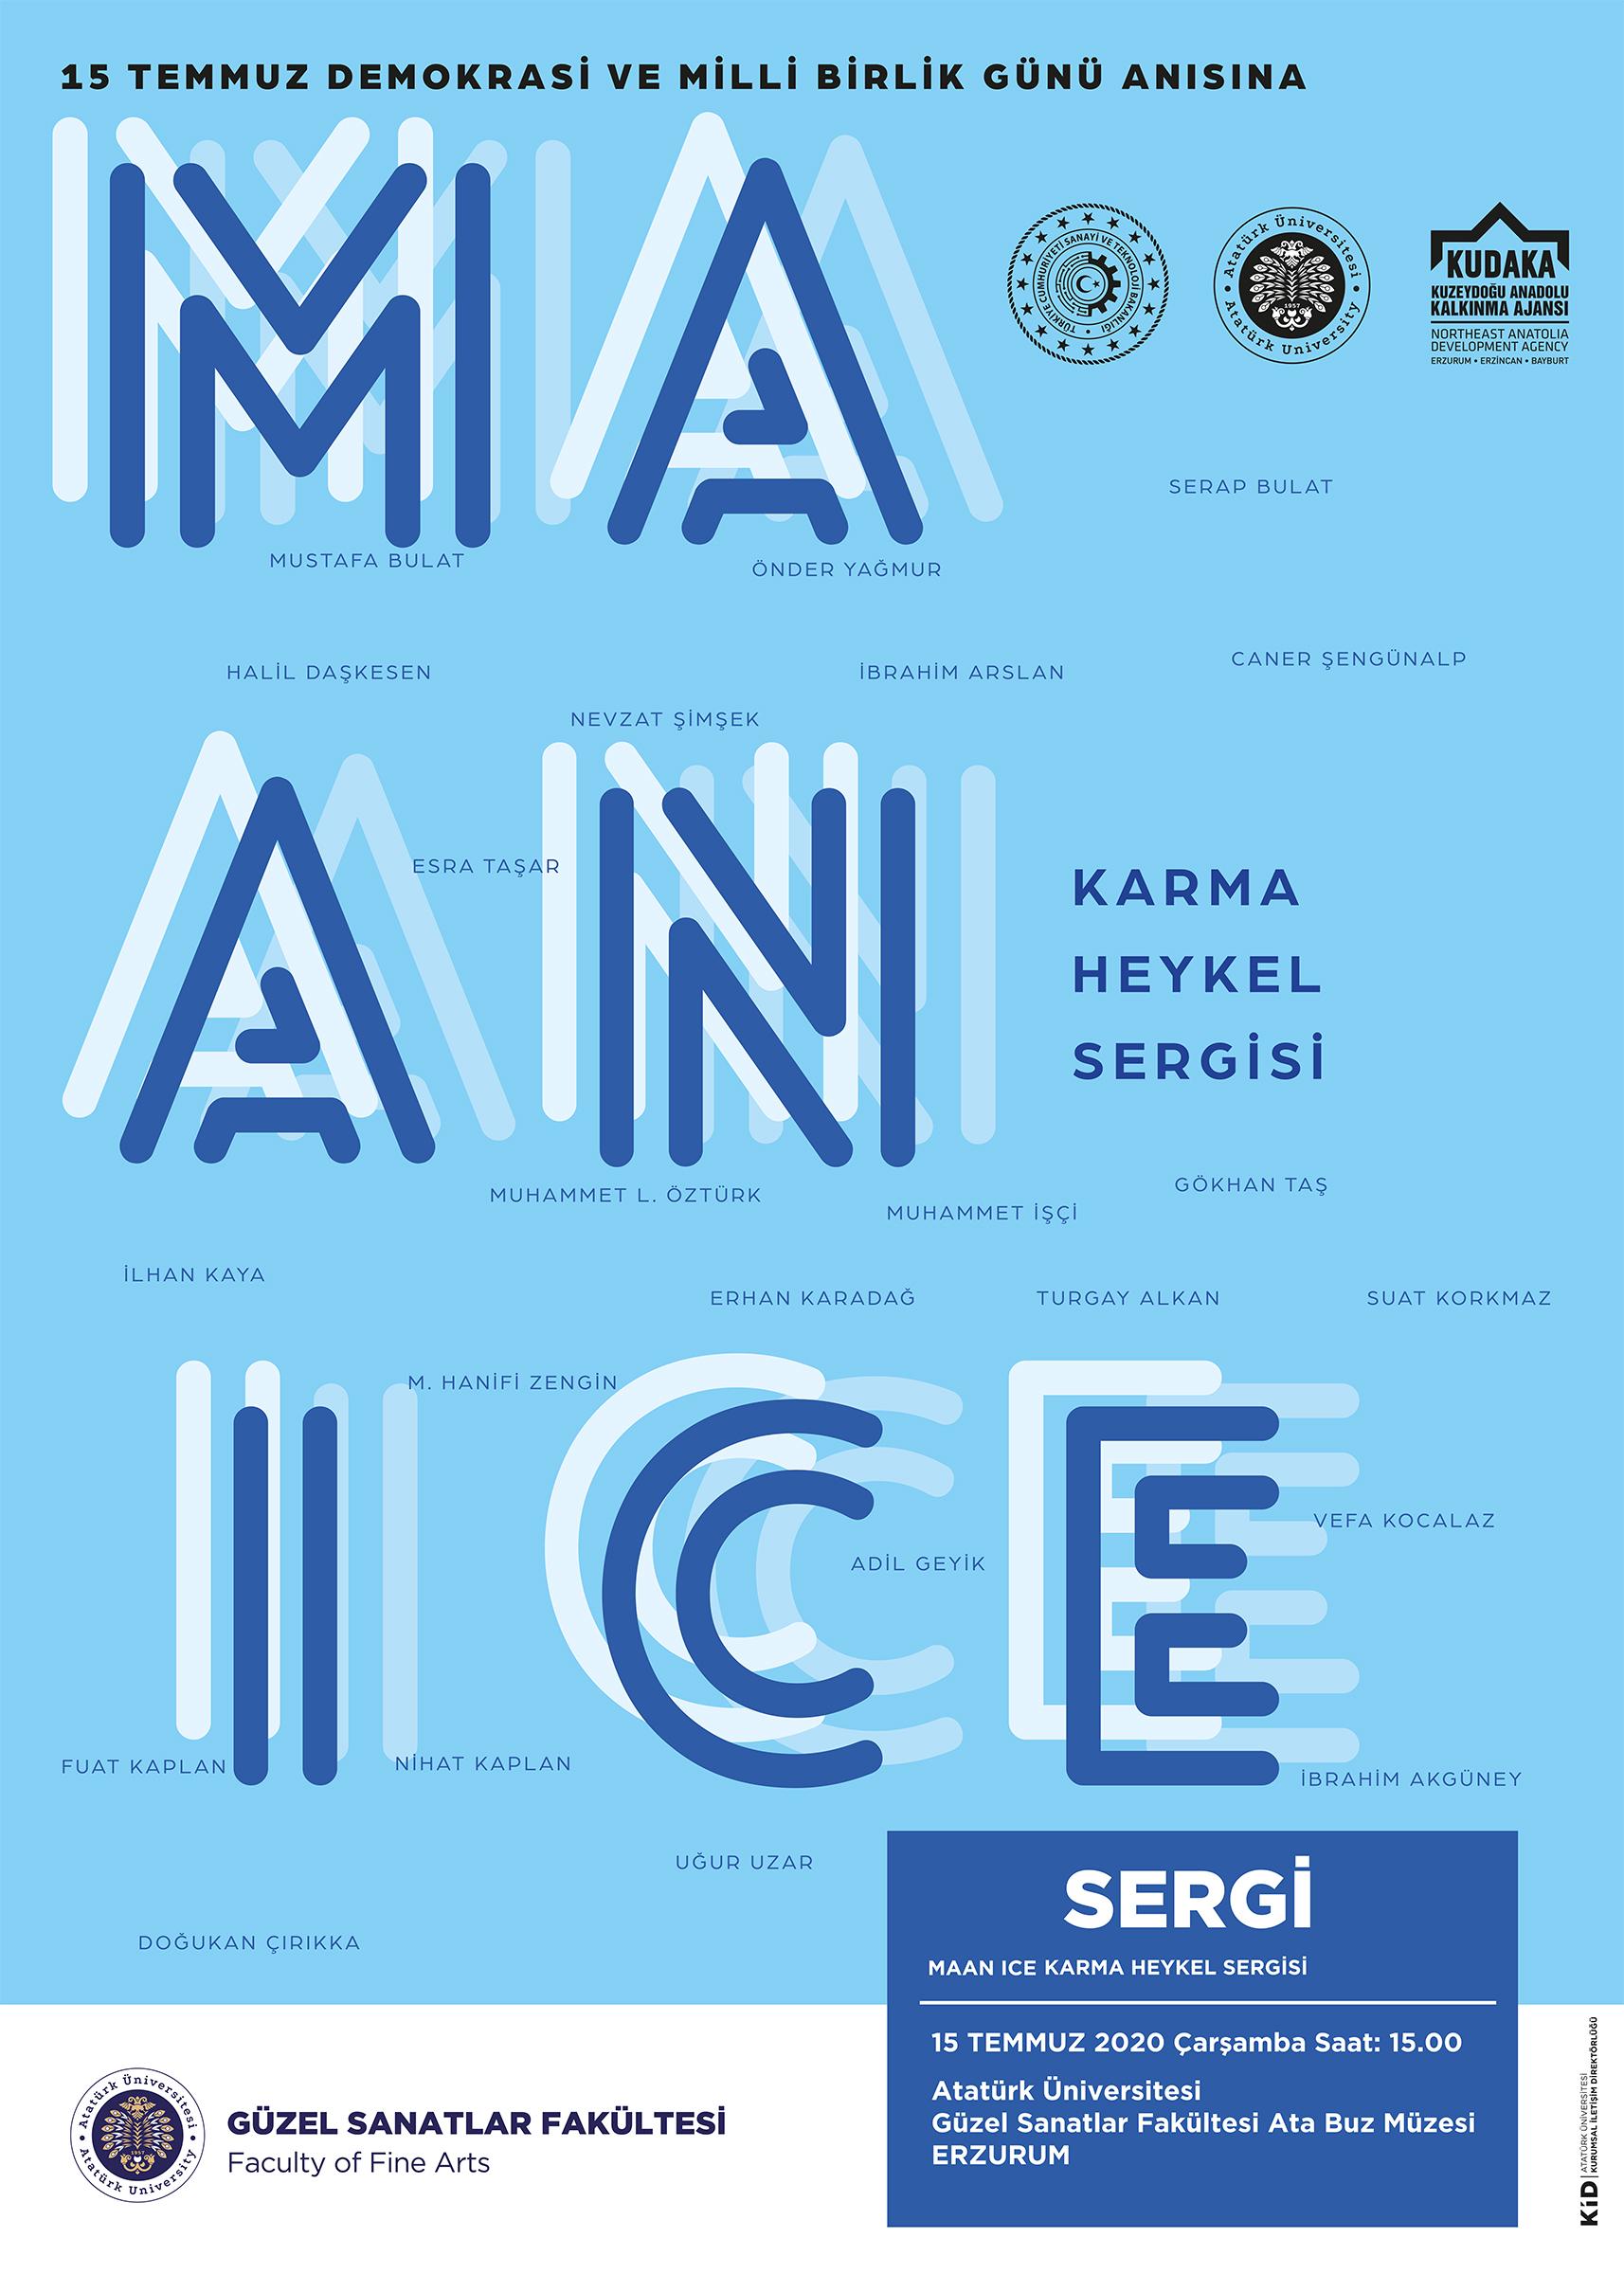 MAAN Ice Karma Heykel Sergisi